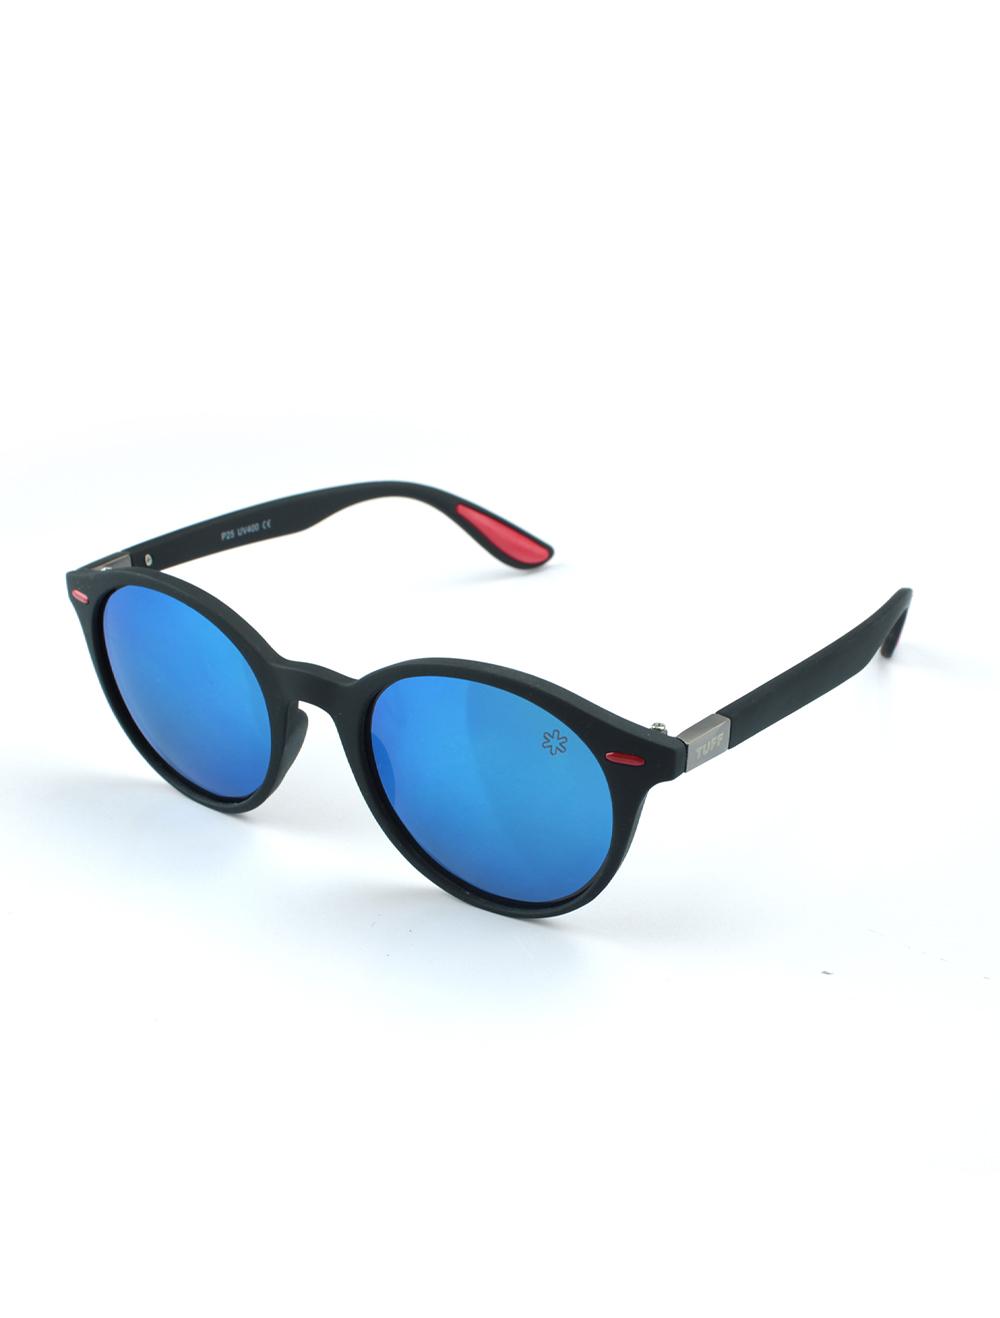 Sunglasses Moderno Azul com Lente Polarizado